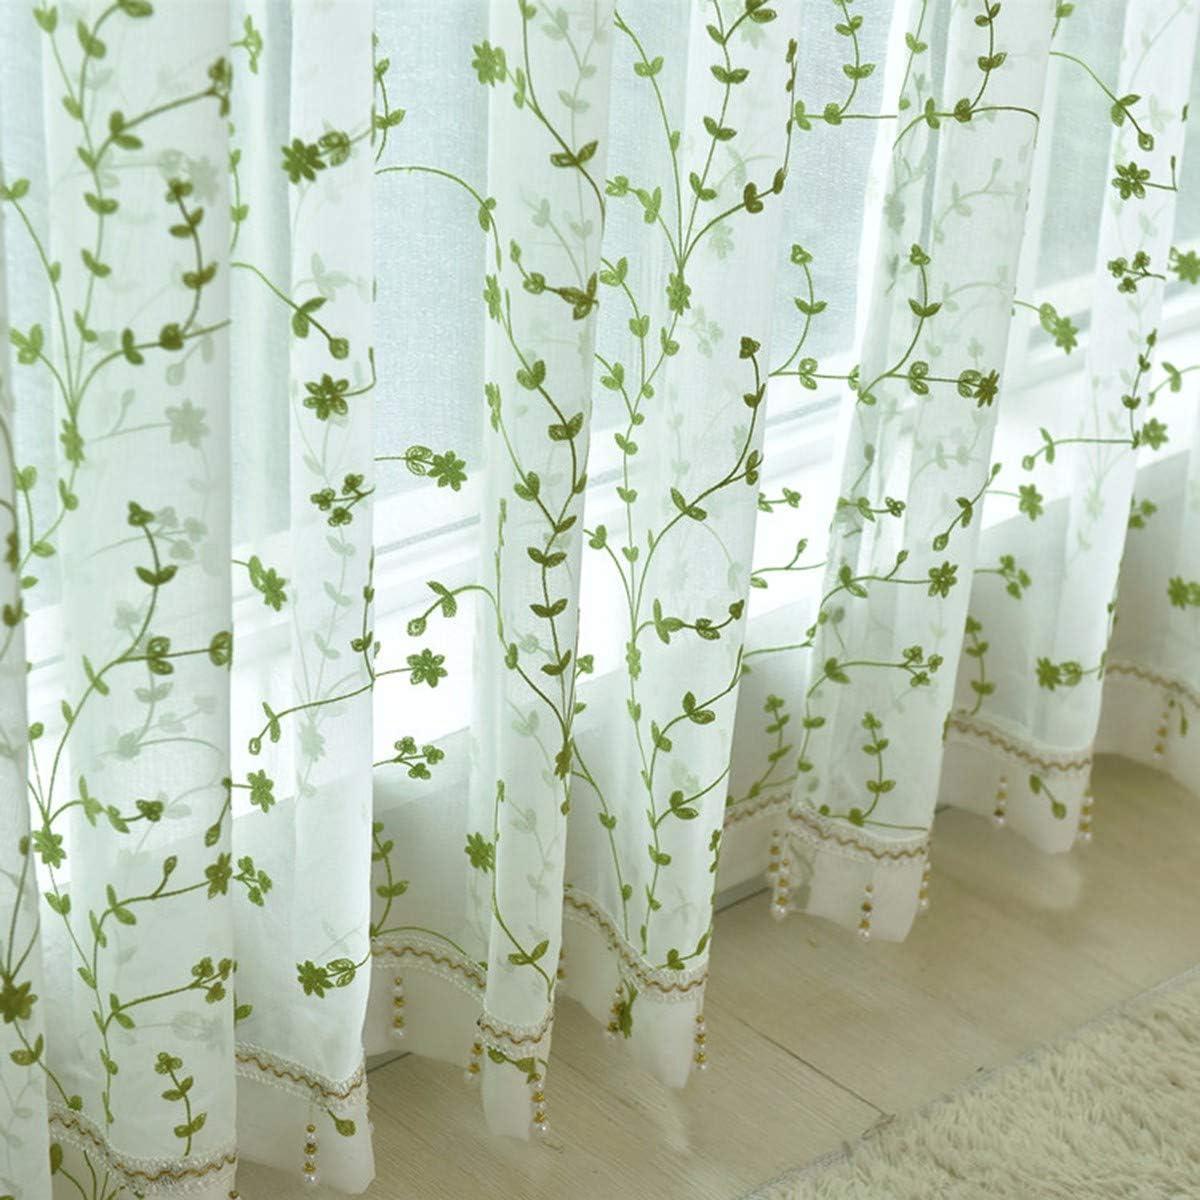 WBXZAL-Cortinas Blanco, Verde, Hojas, algodón y Lino mosquitero ...